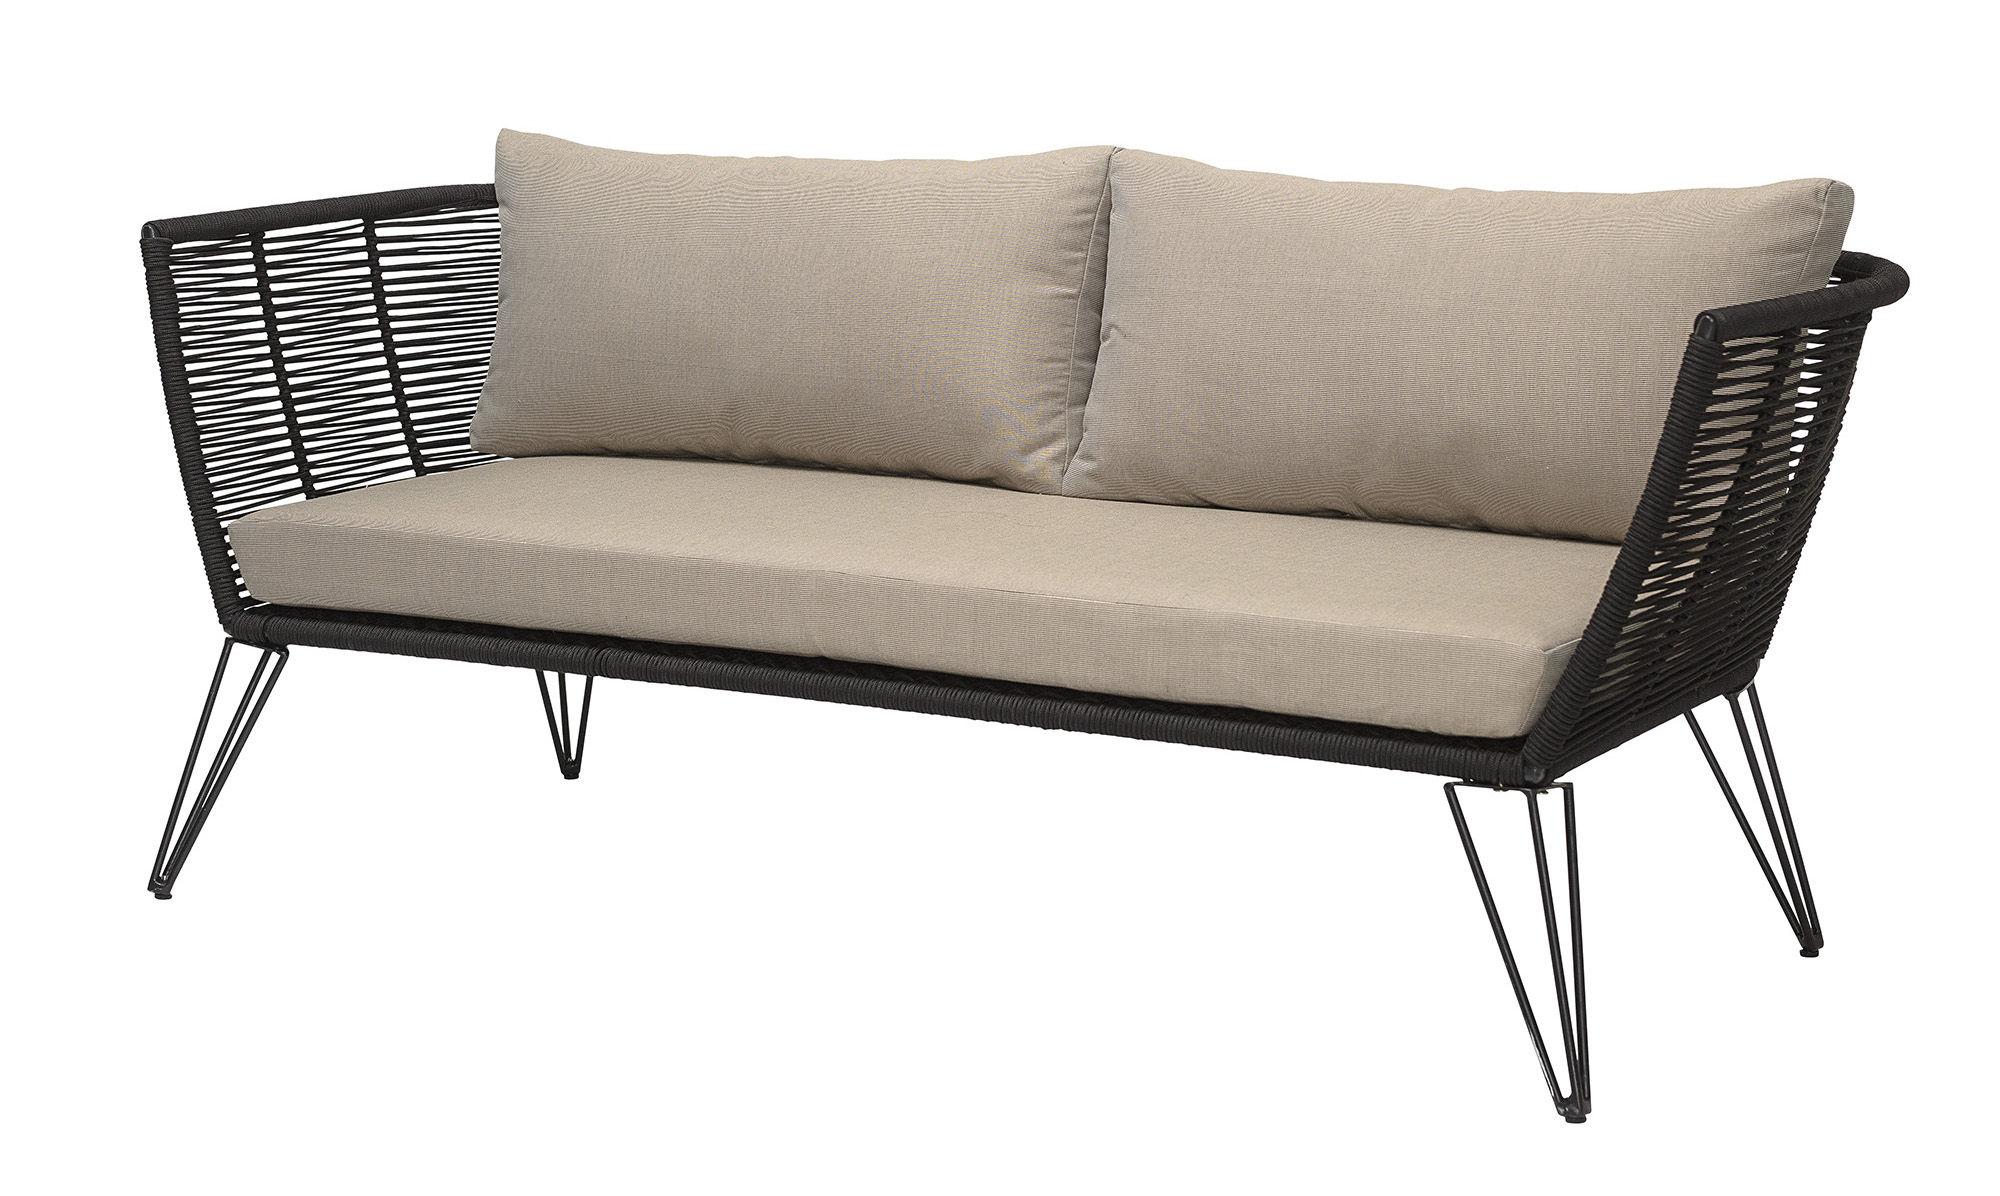 Straight sofa Metal by Bloomingville - Black/Beige | Made ...